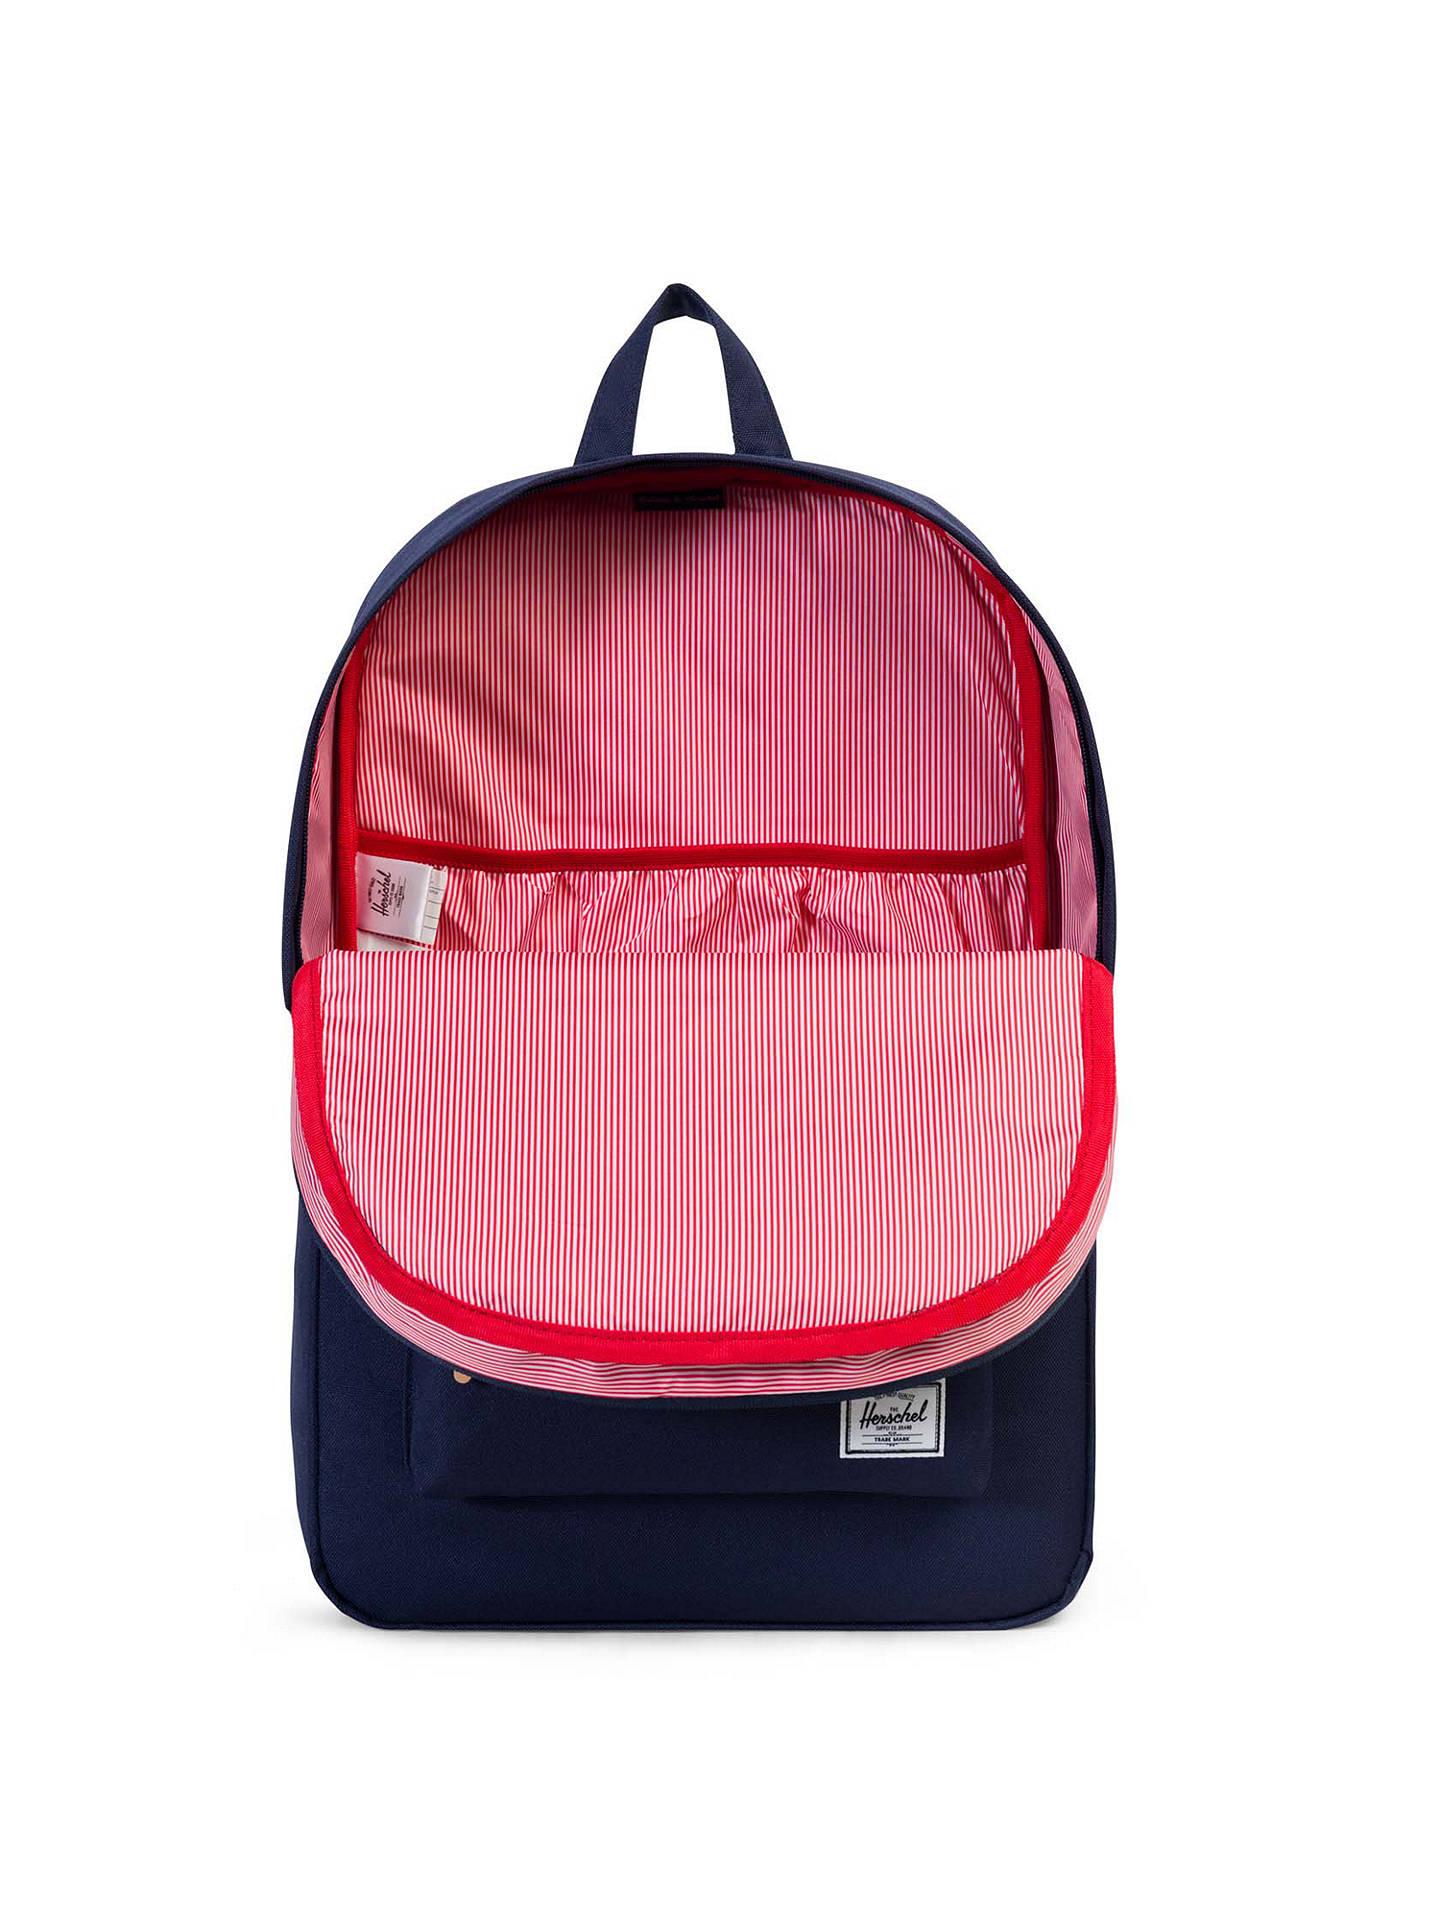 de44185bc80 ... Buy Herschel Supply Co. Offset Heritage Backpack